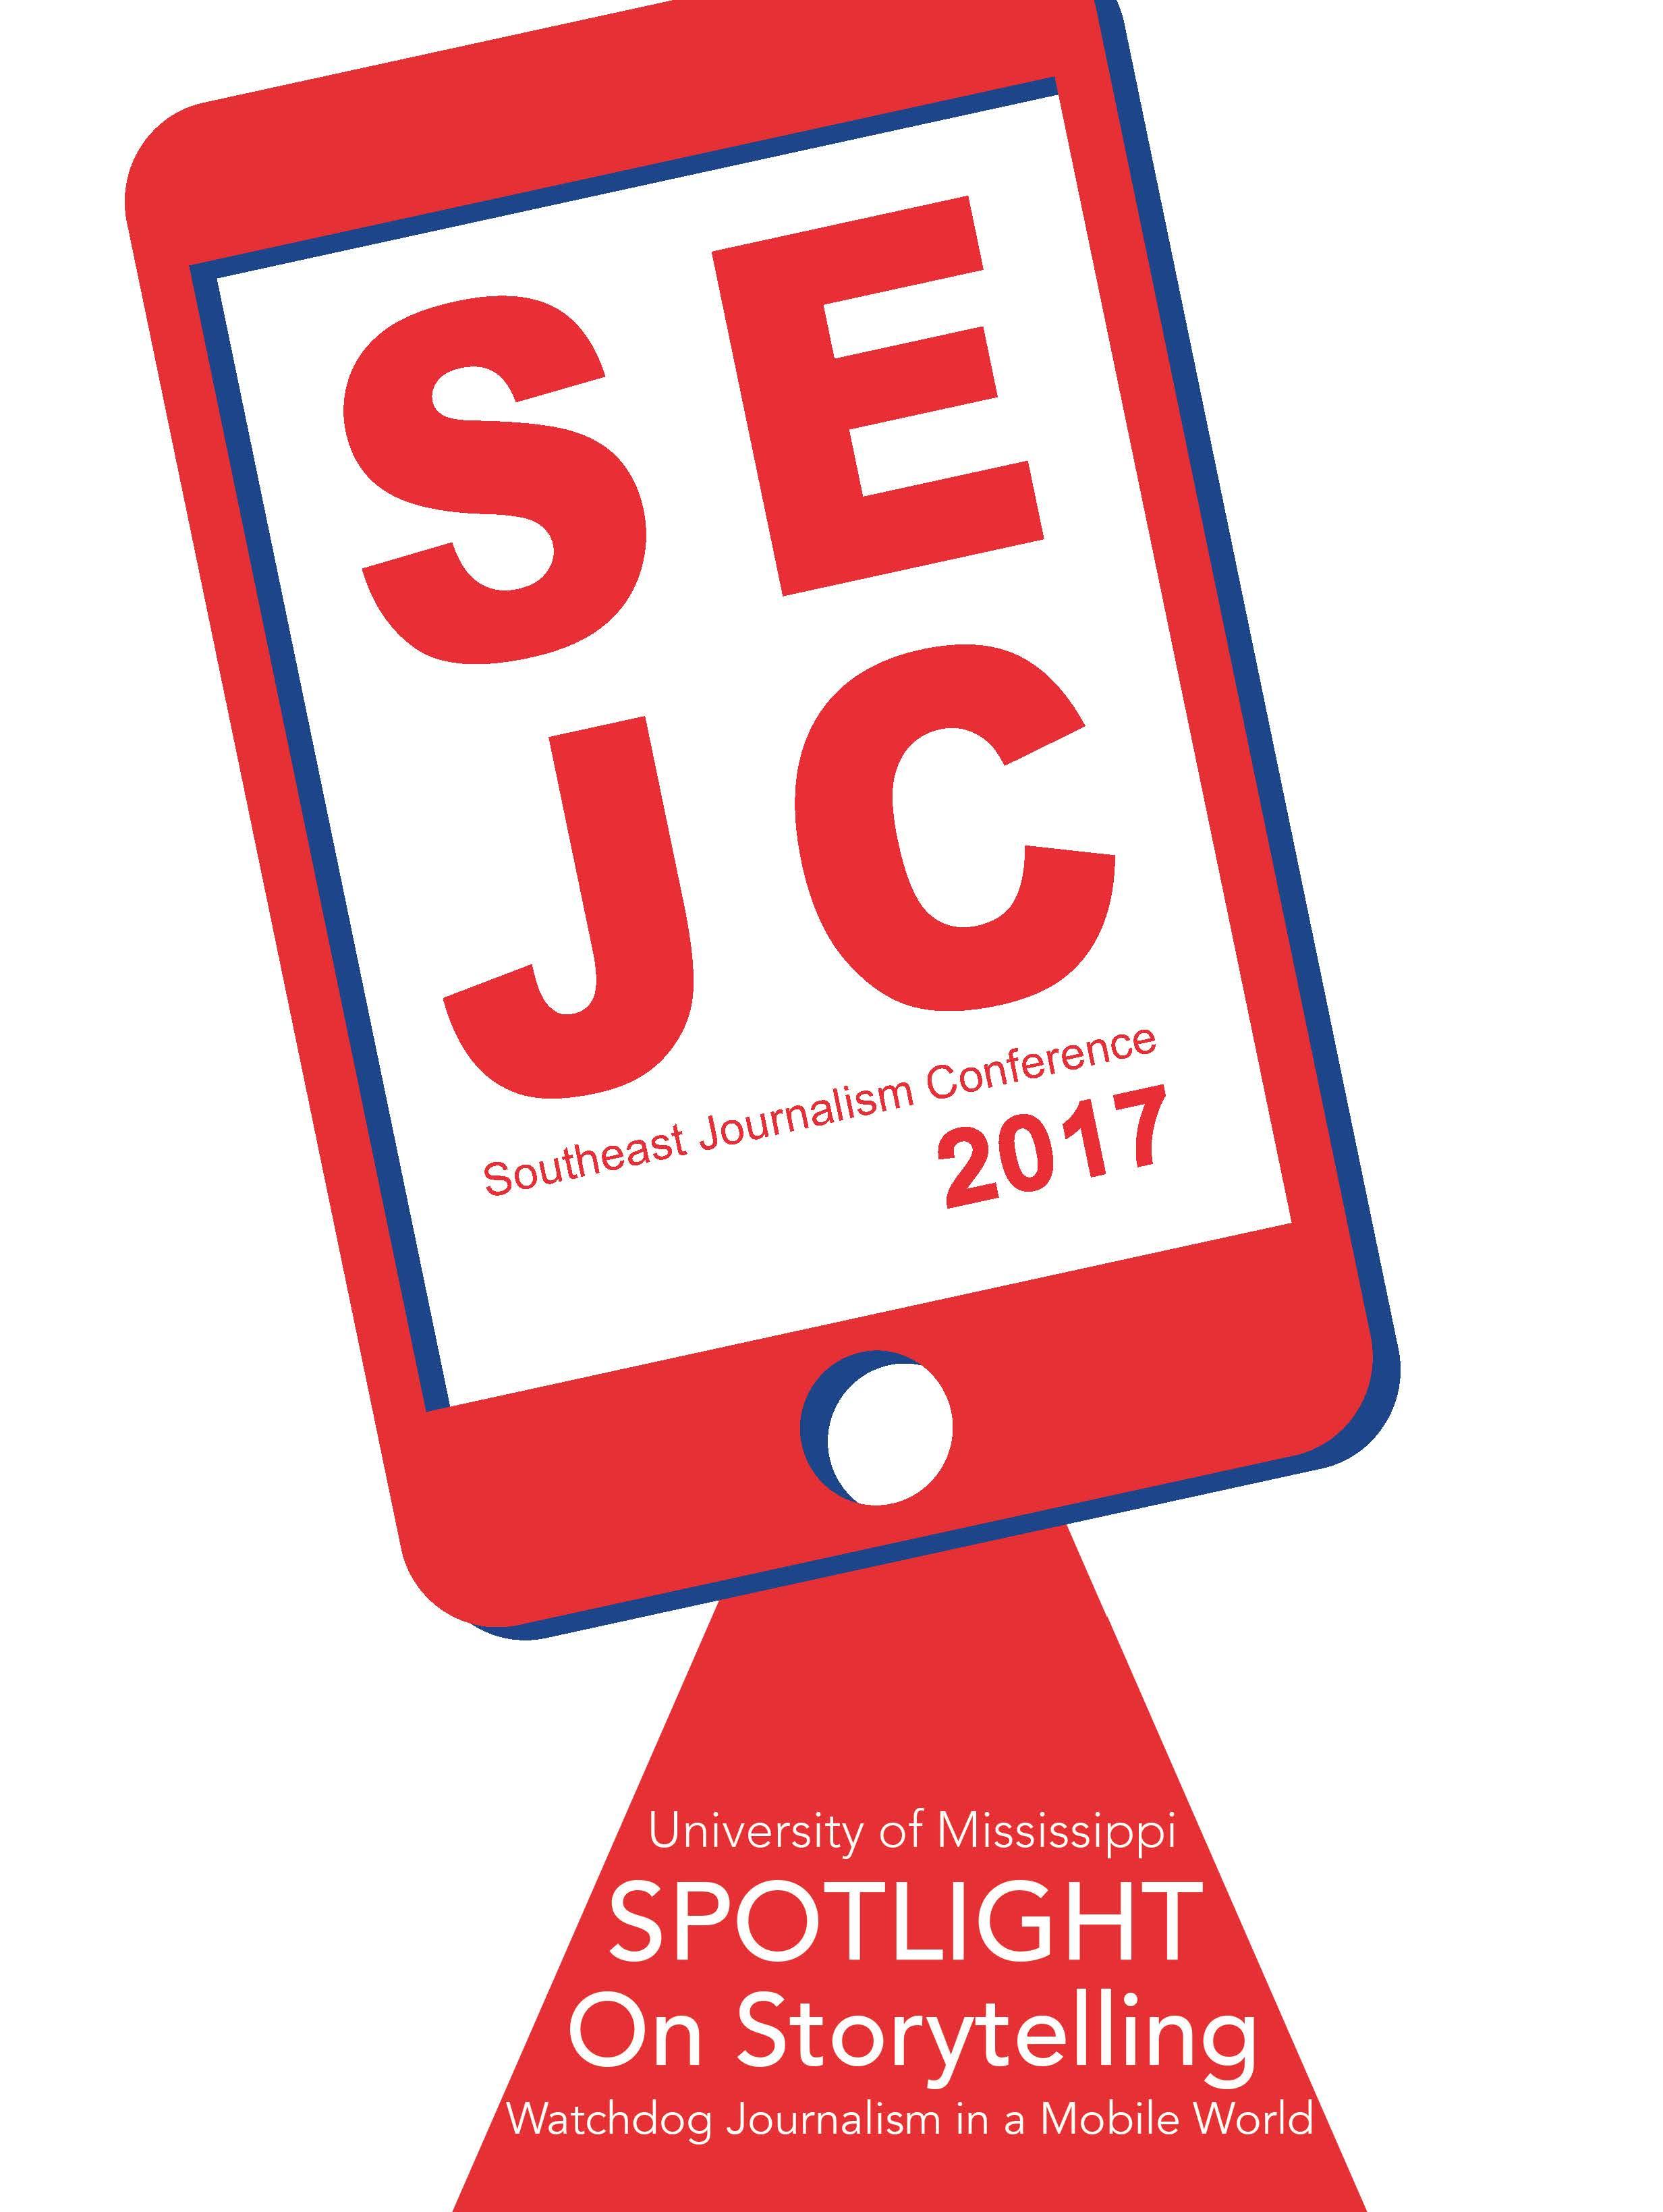 Link to SEJC 2017 program